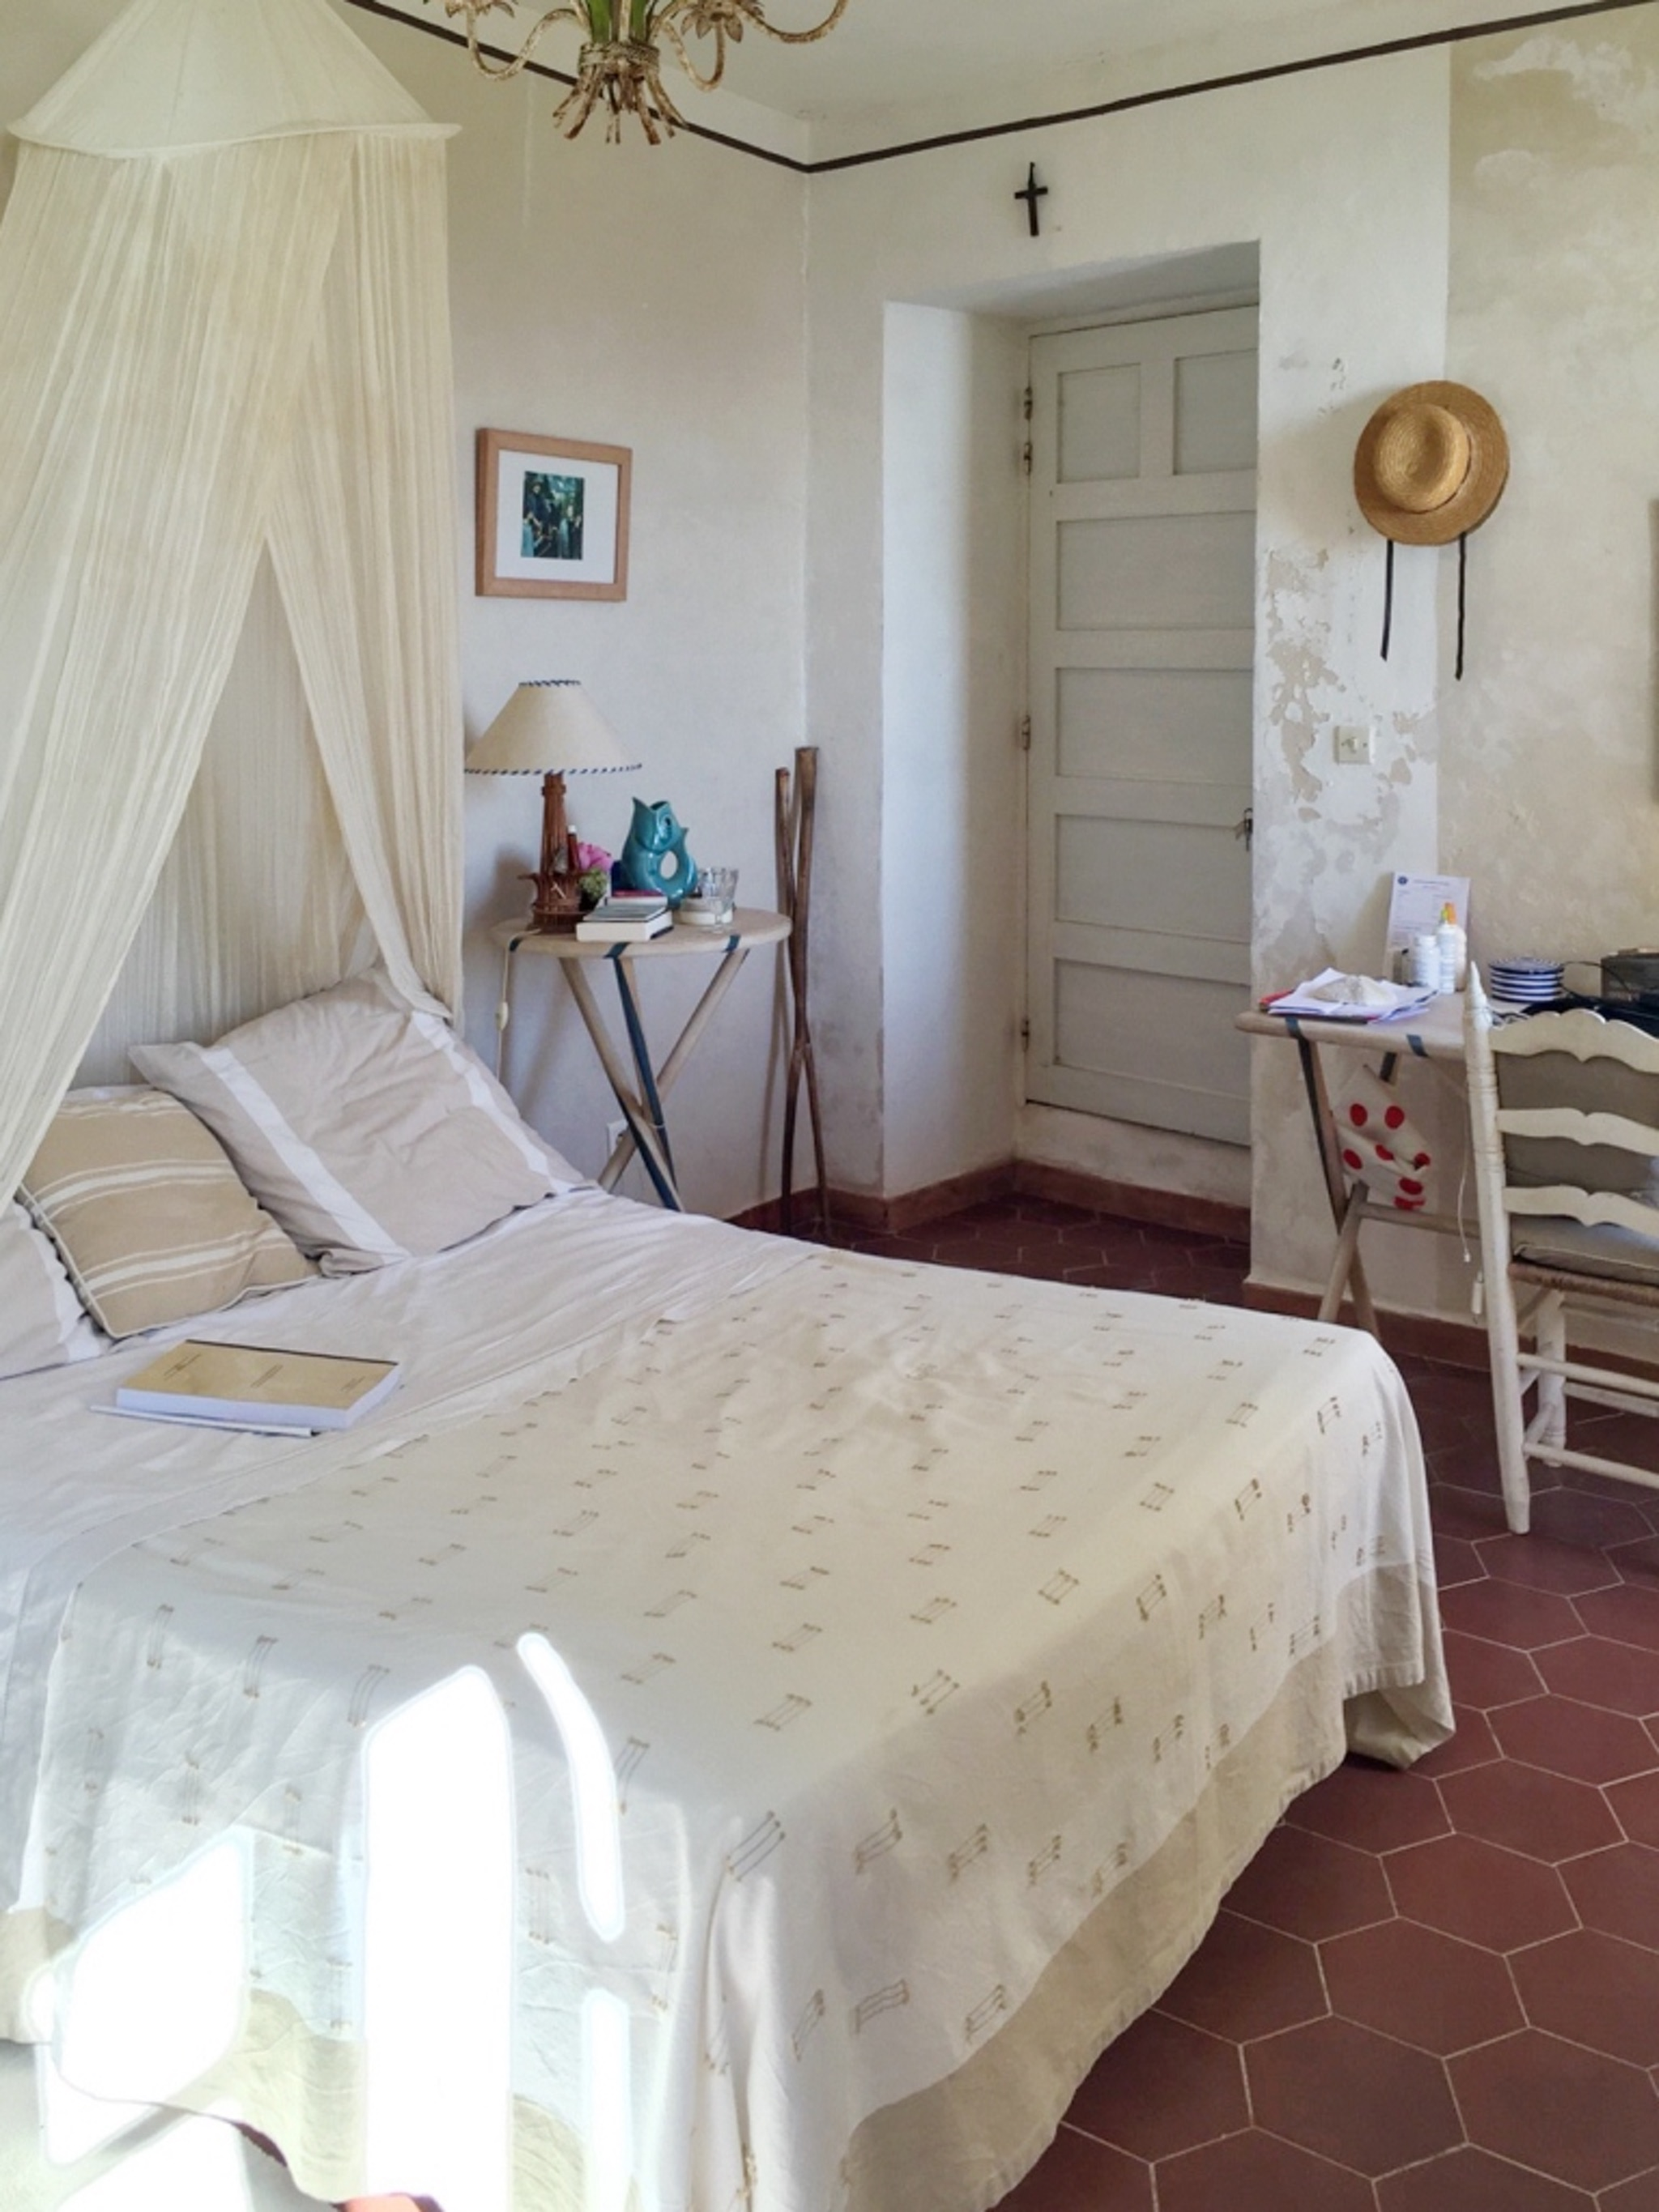 Ferienhaus Herrliches Haus mit neun Schlafzimmern und grandiosem Blick aufs Meer im hübschen Dörfchen (2202571), Centuri, Nordkorsika, Korsika, Frankreich, Bild 16